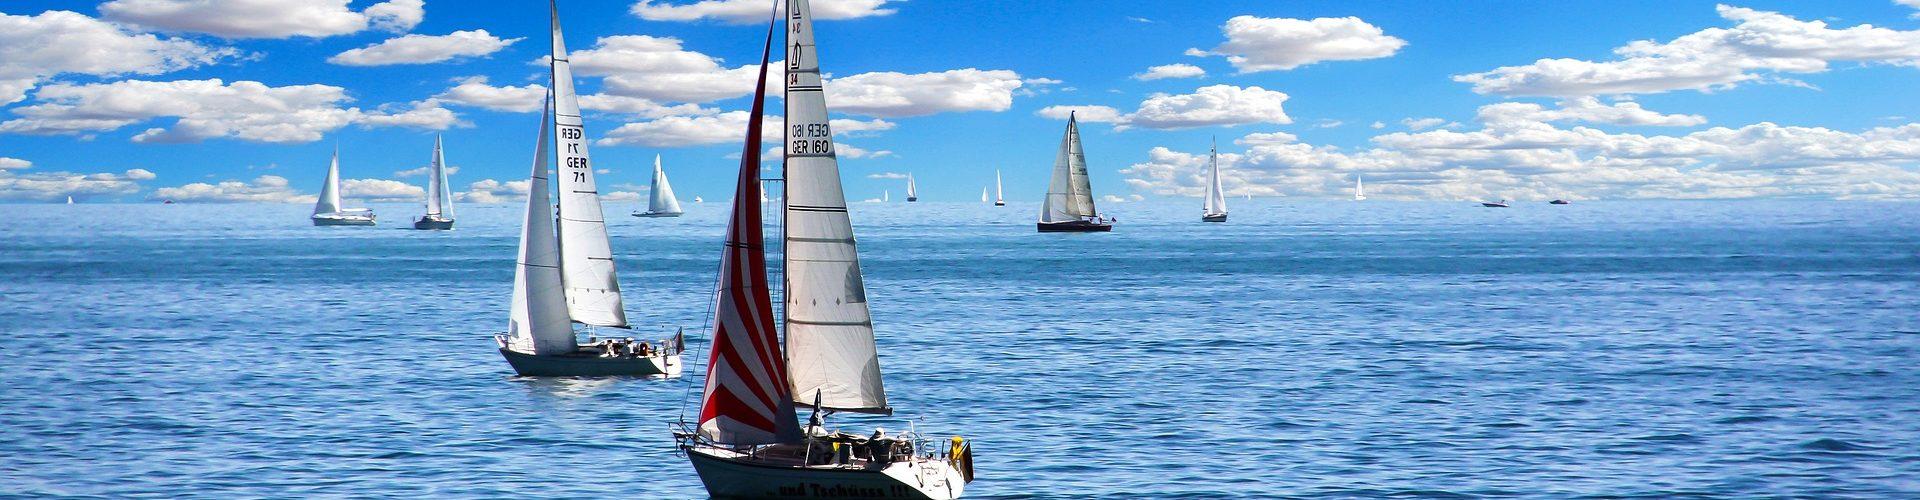 segeln lernen in Krummhörn Pilsum segelschein machen in Krummhörn Pilsum 1920x500 - Segeln lernen in Krummhörn Pilsum